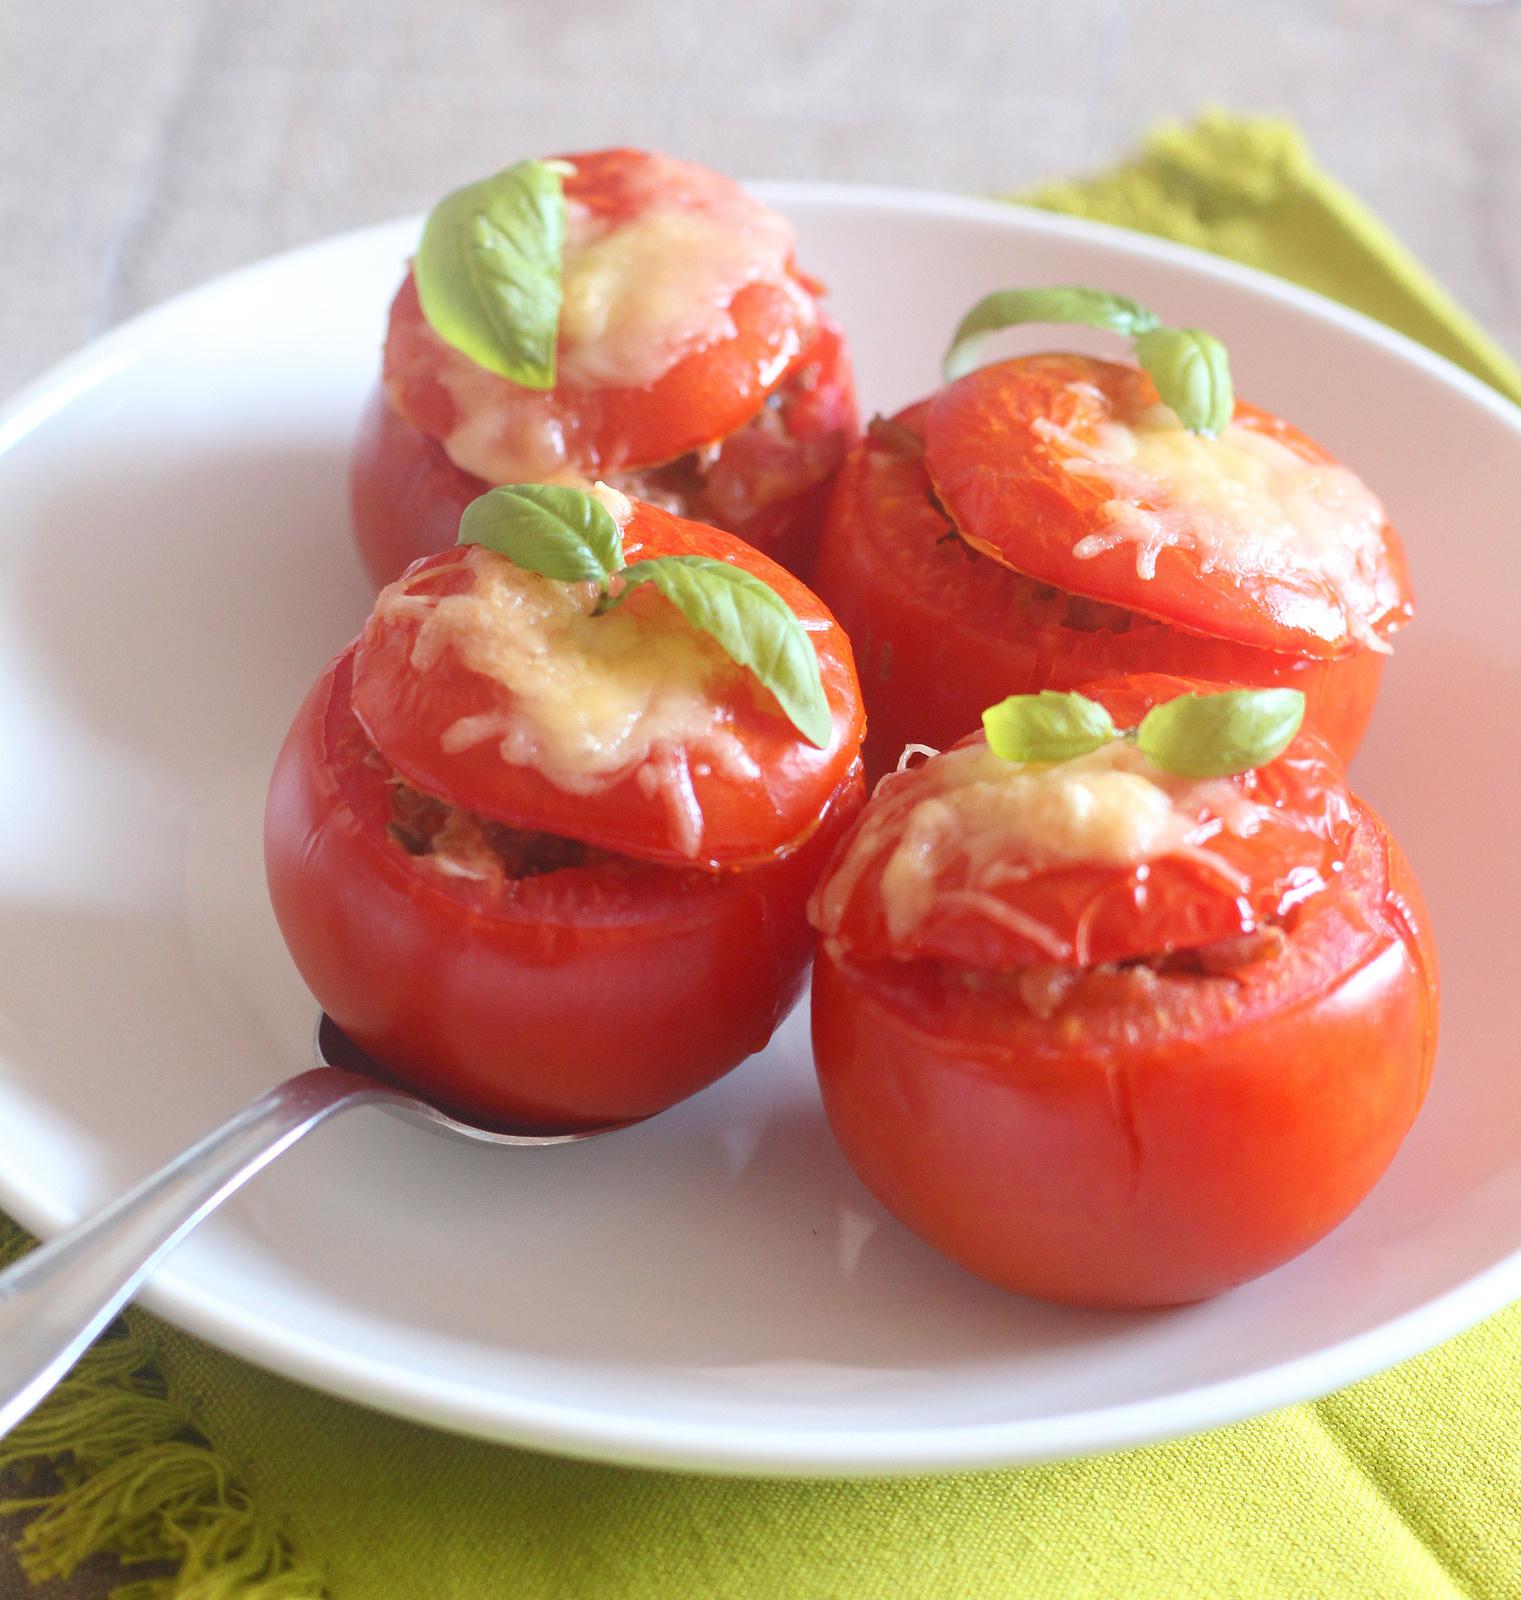 Cuisine estivale : Tomates gratinées au thon